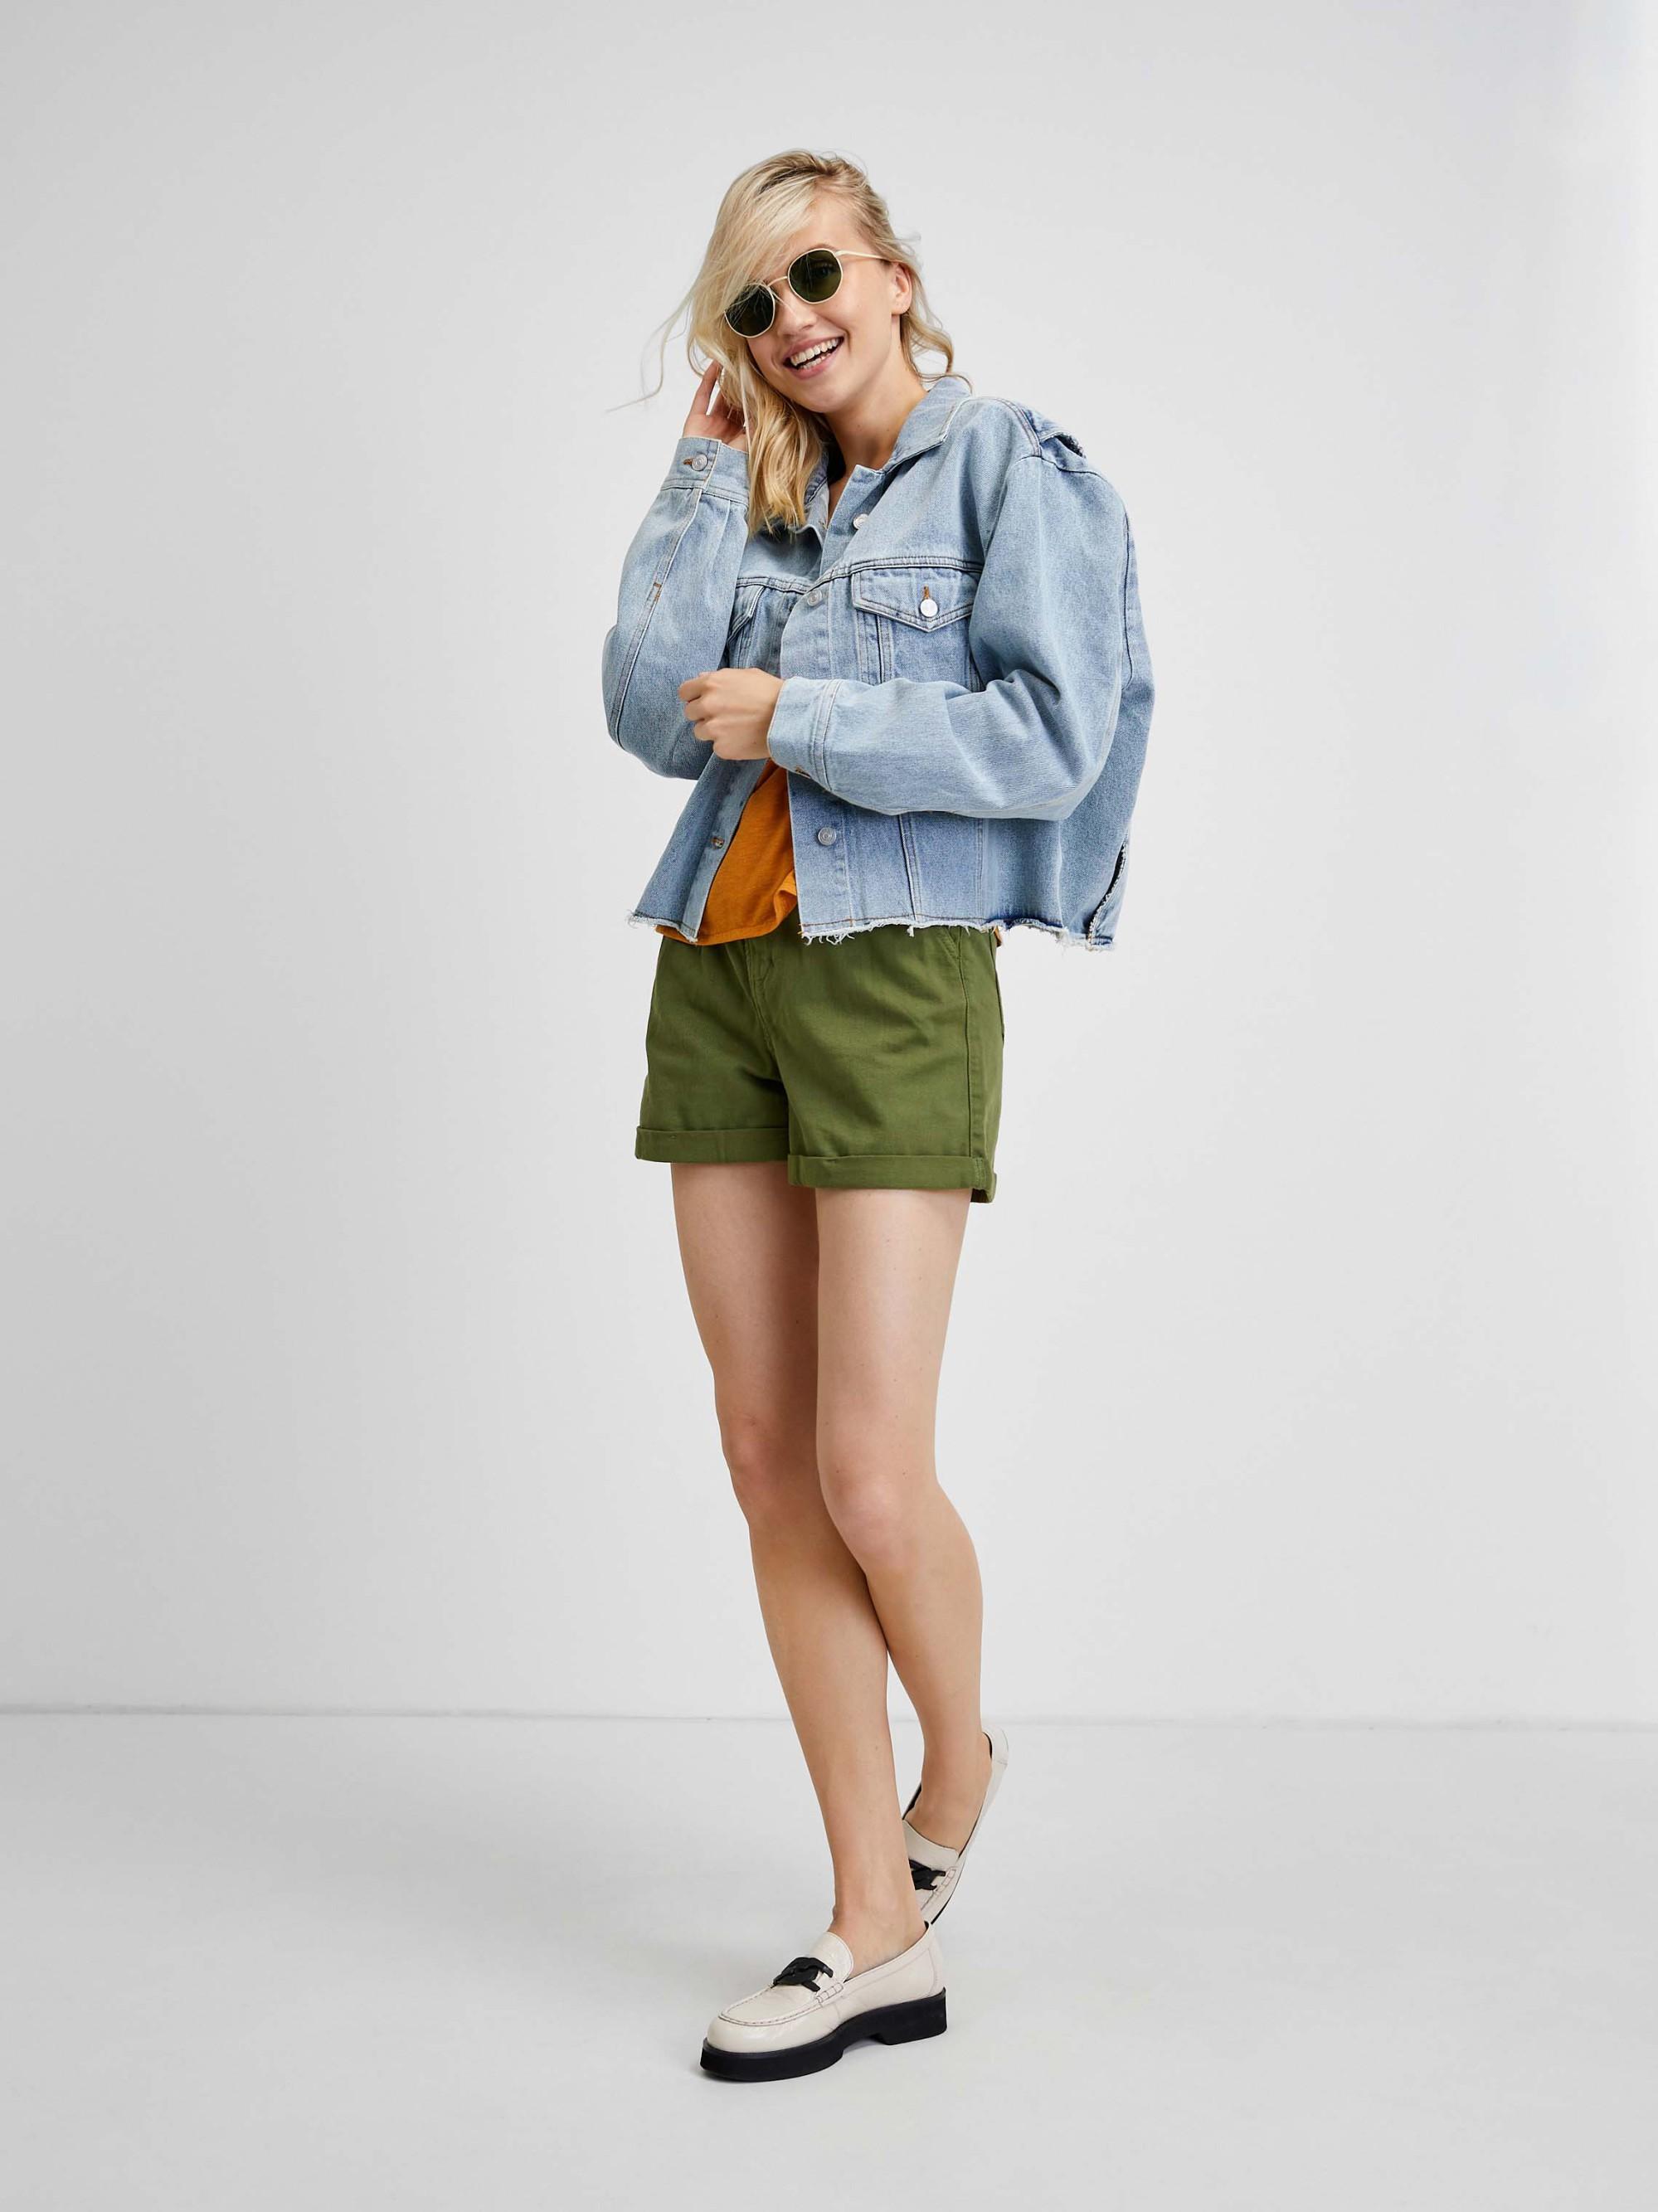 CAMAIEU Women's t-shirt green